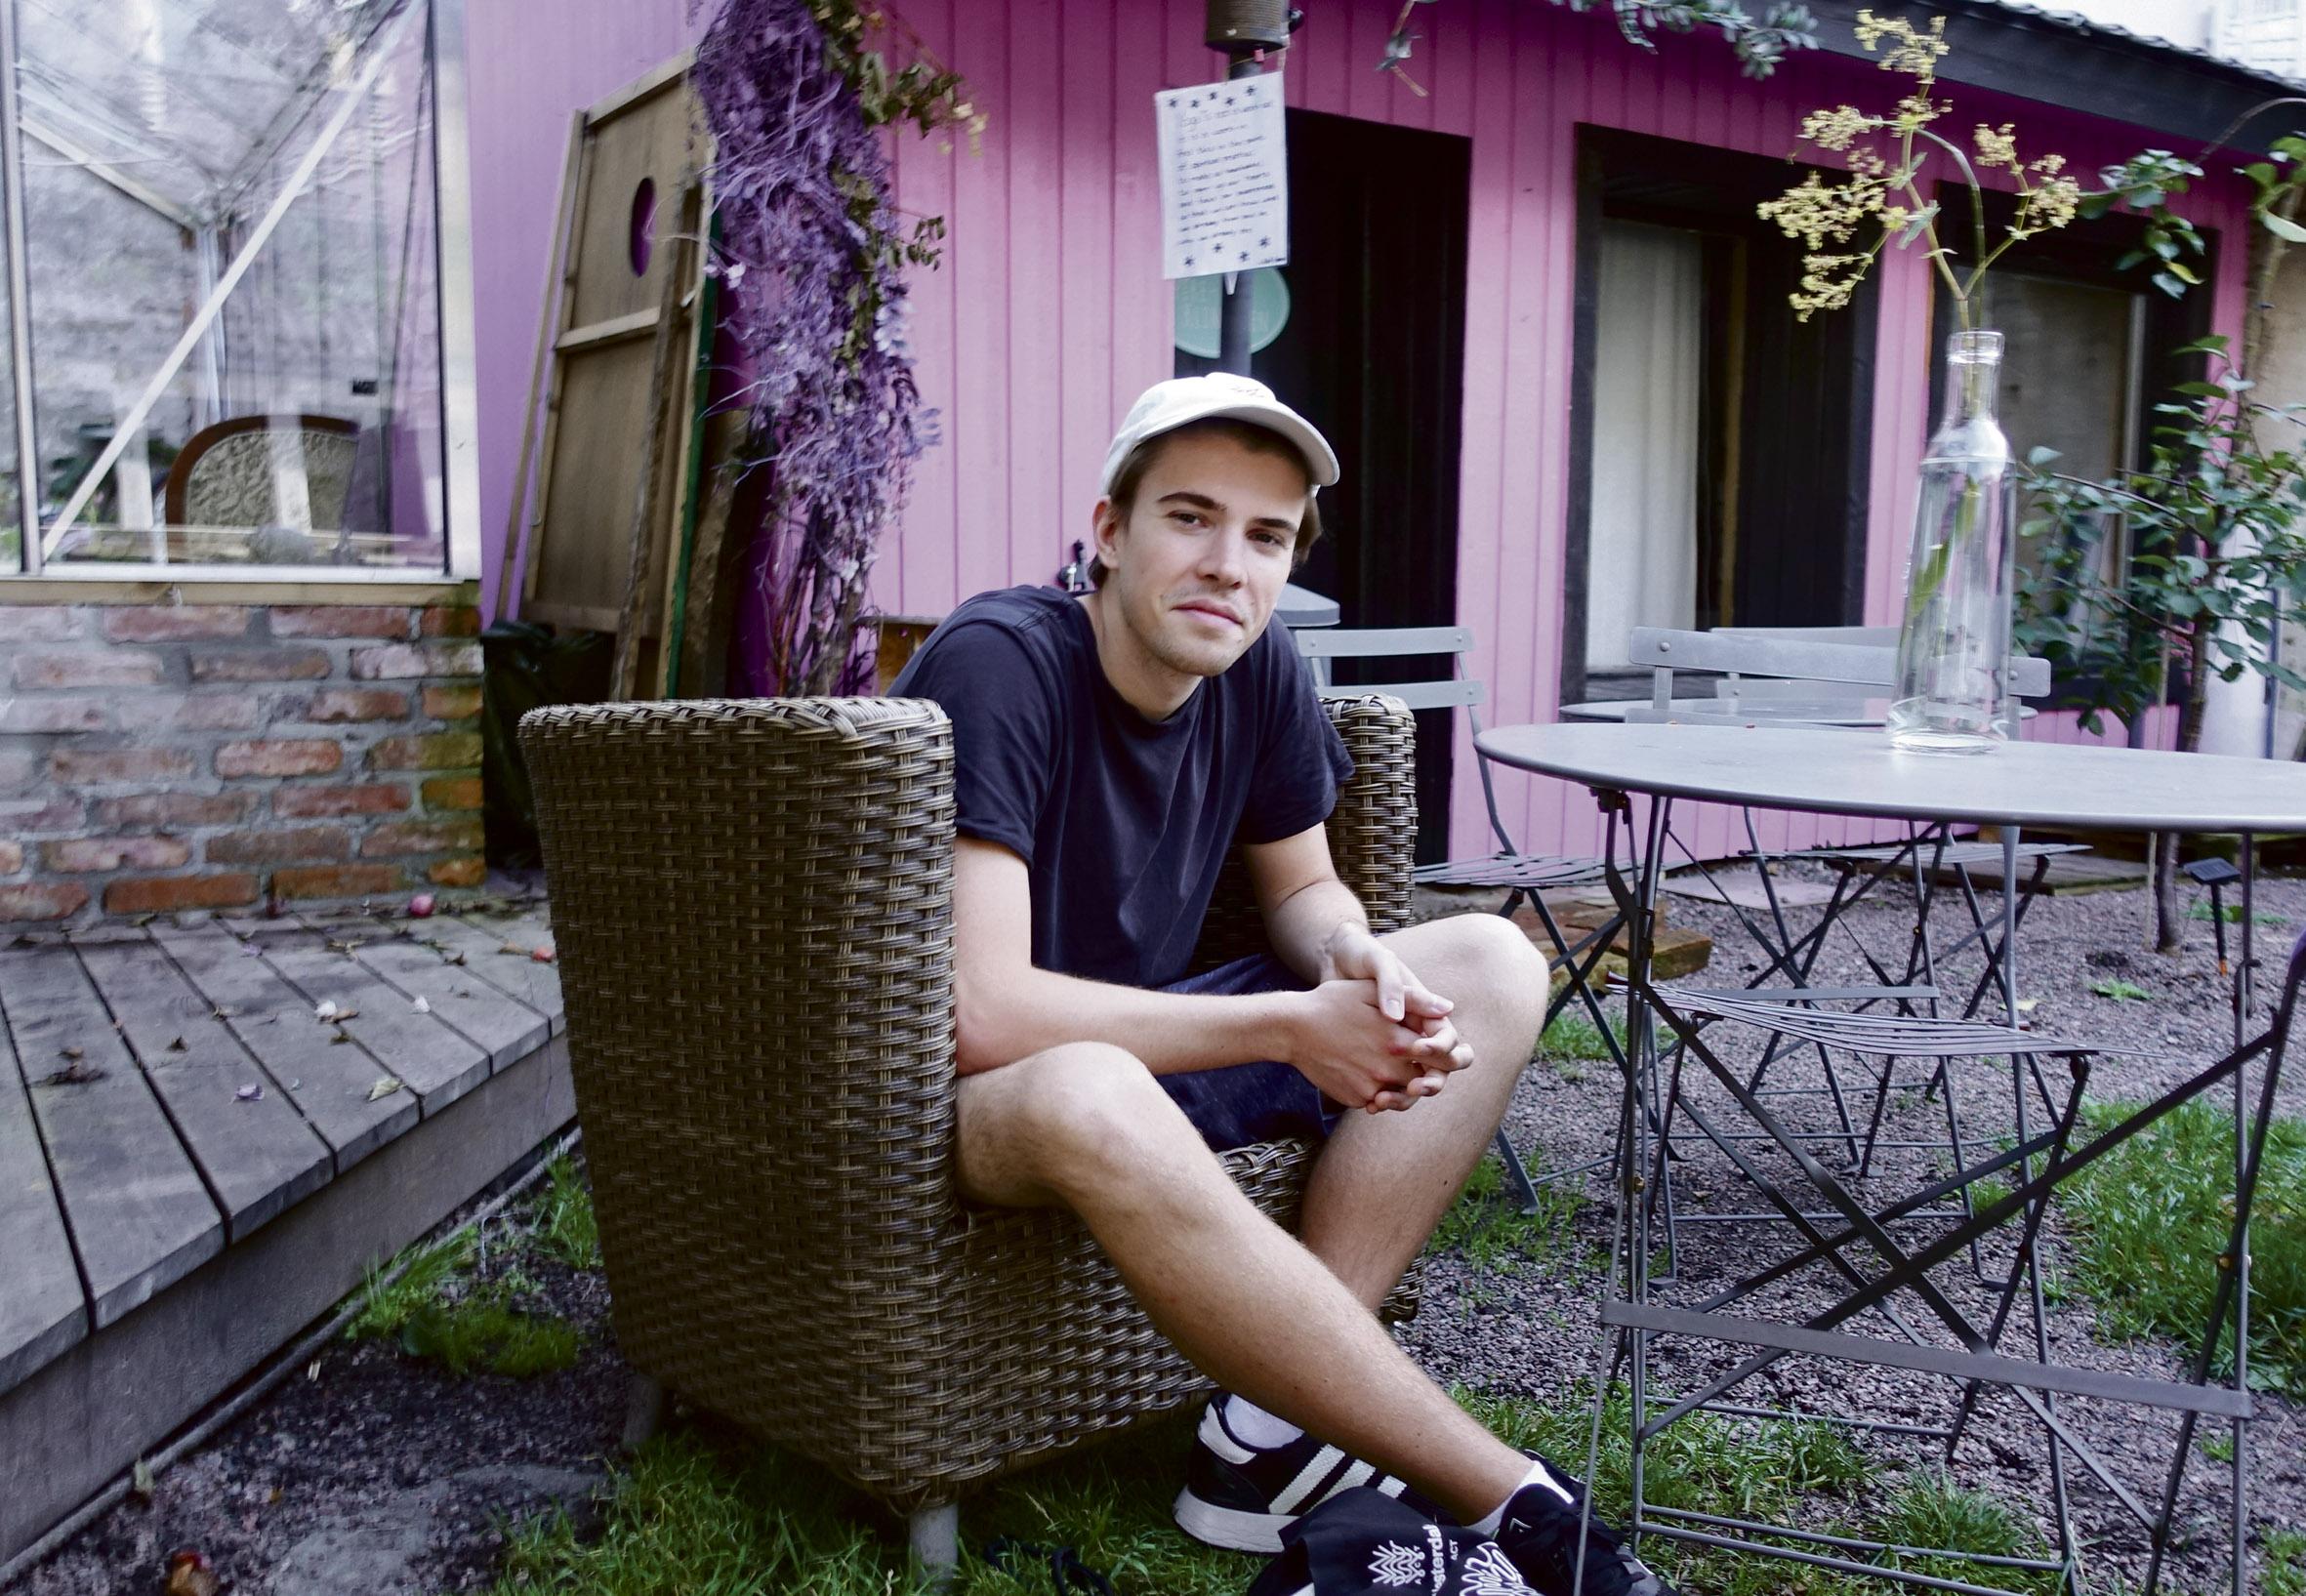 OPPTRER HER: Den Prisvinnende Artisten Andreas Loinsworth Opptrer Her I Spiregården Fredag 30. August.